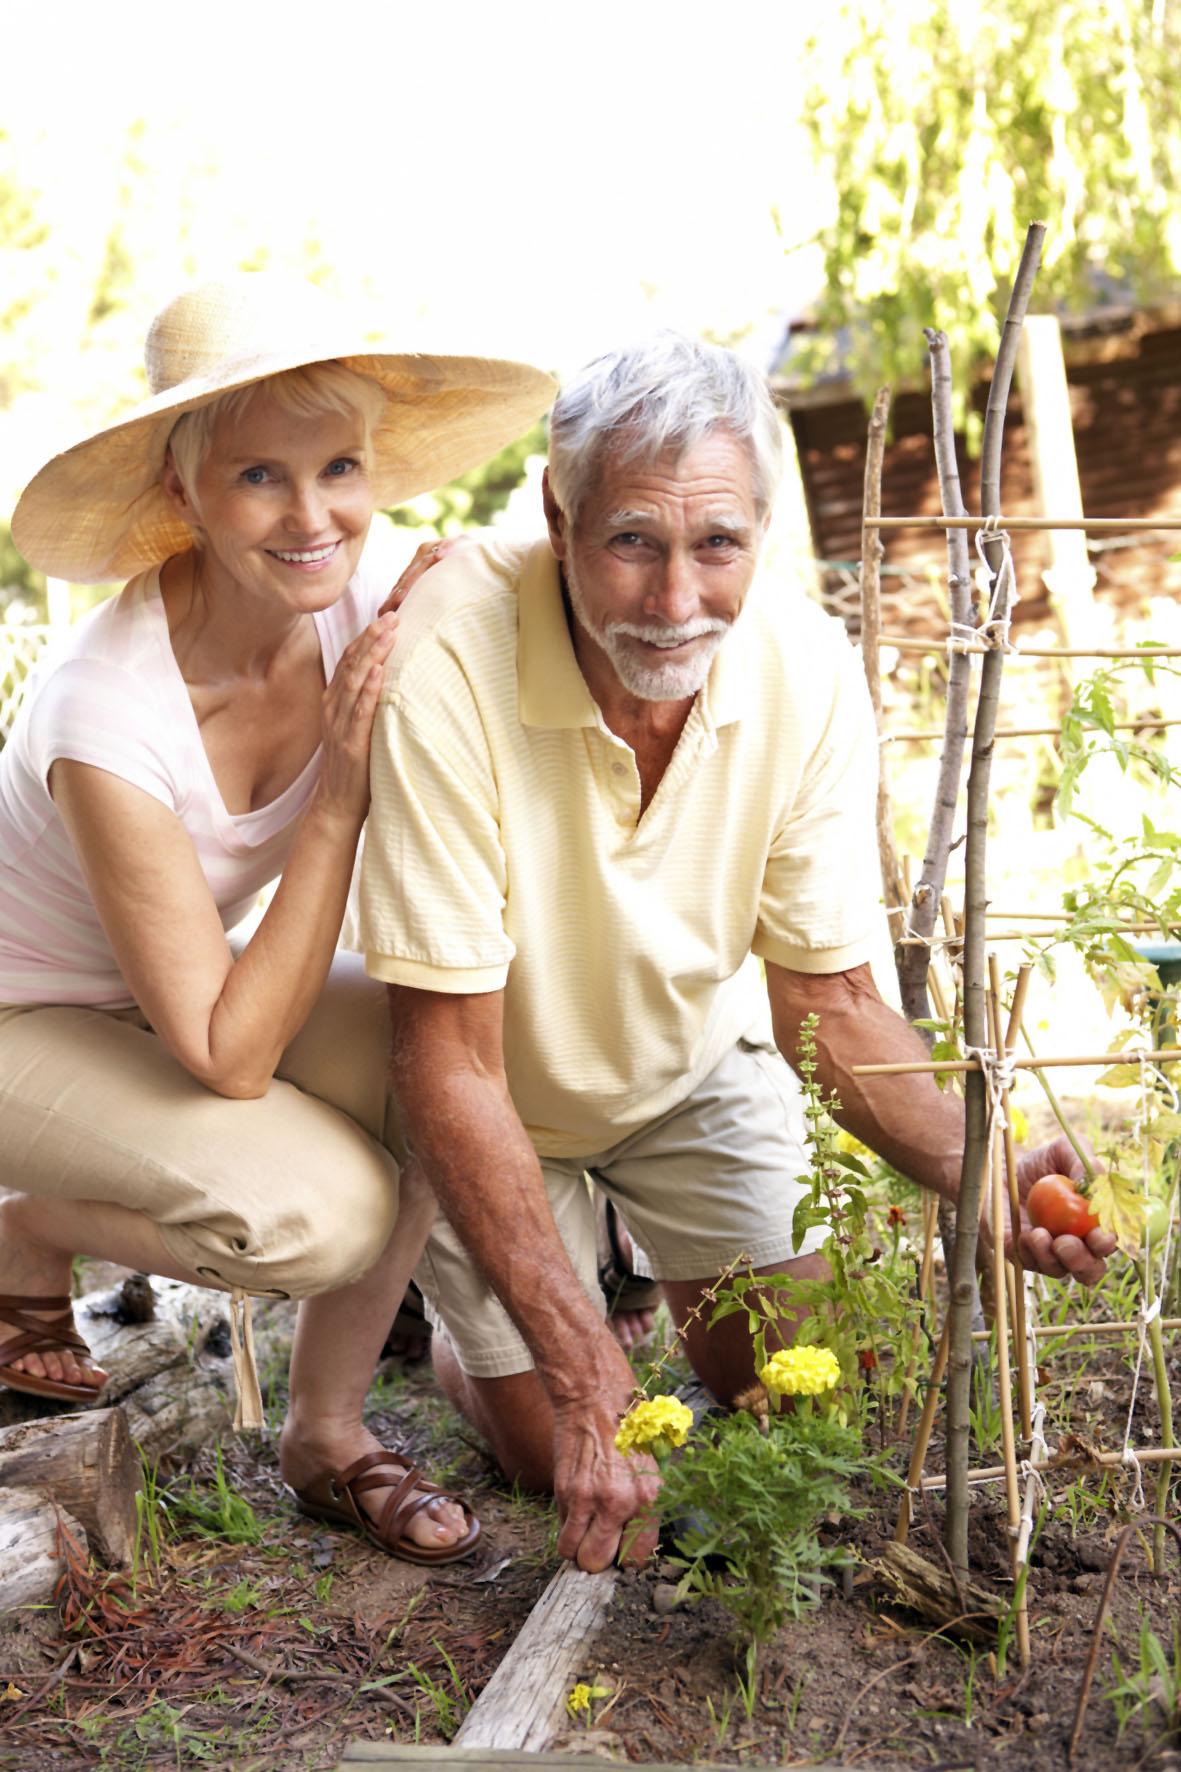 Gartenarbeit ist eine gute Möglichkeit, in Bewegung zu bleiben - vorausgesetzt man macht es auf gelenkschonende Weise.